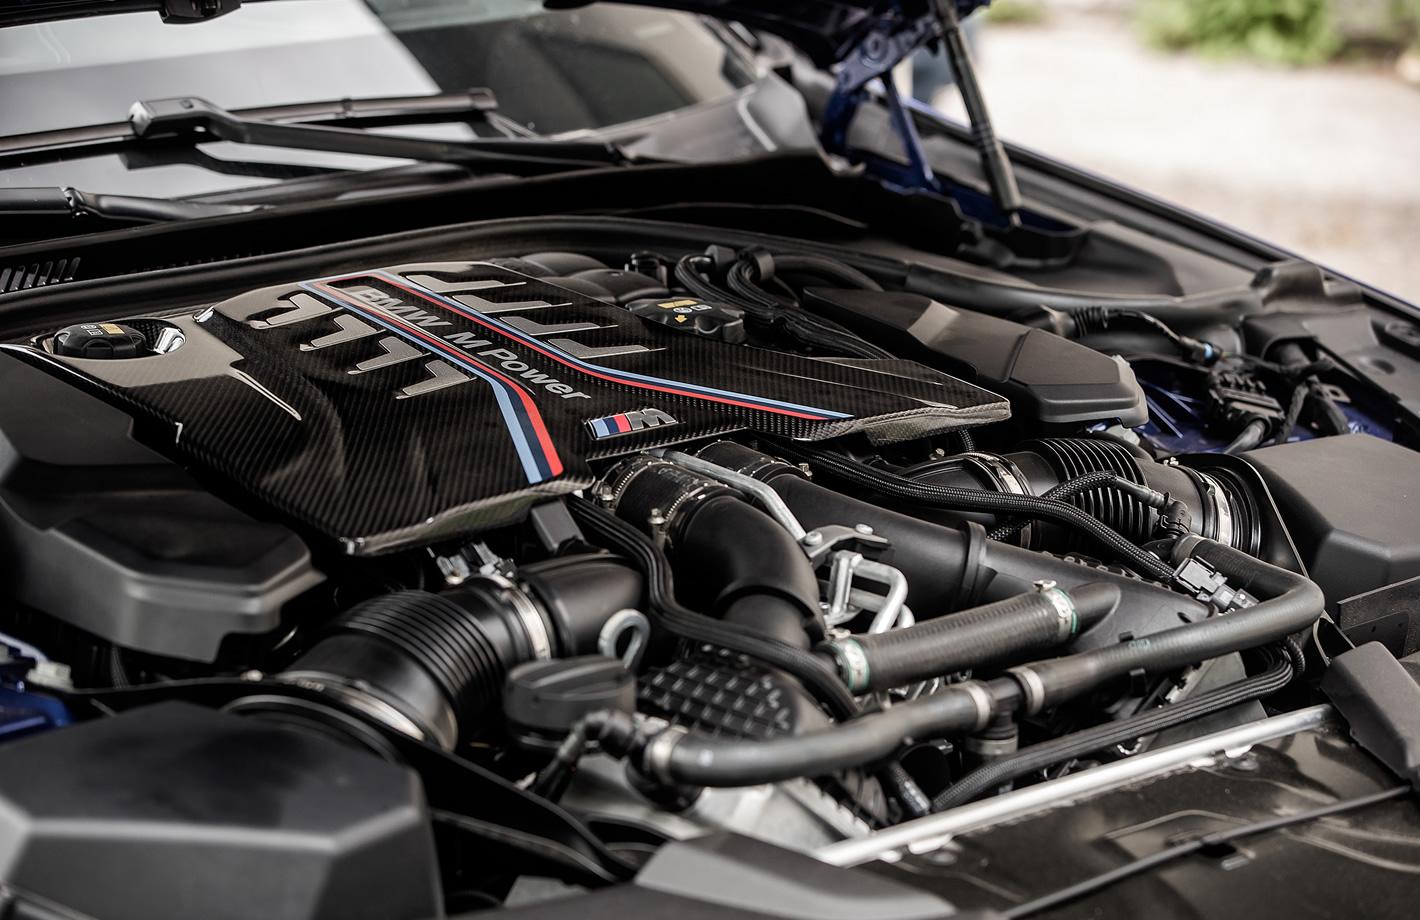 BMW M5 - silnik V8 o pojemności 4.4 l